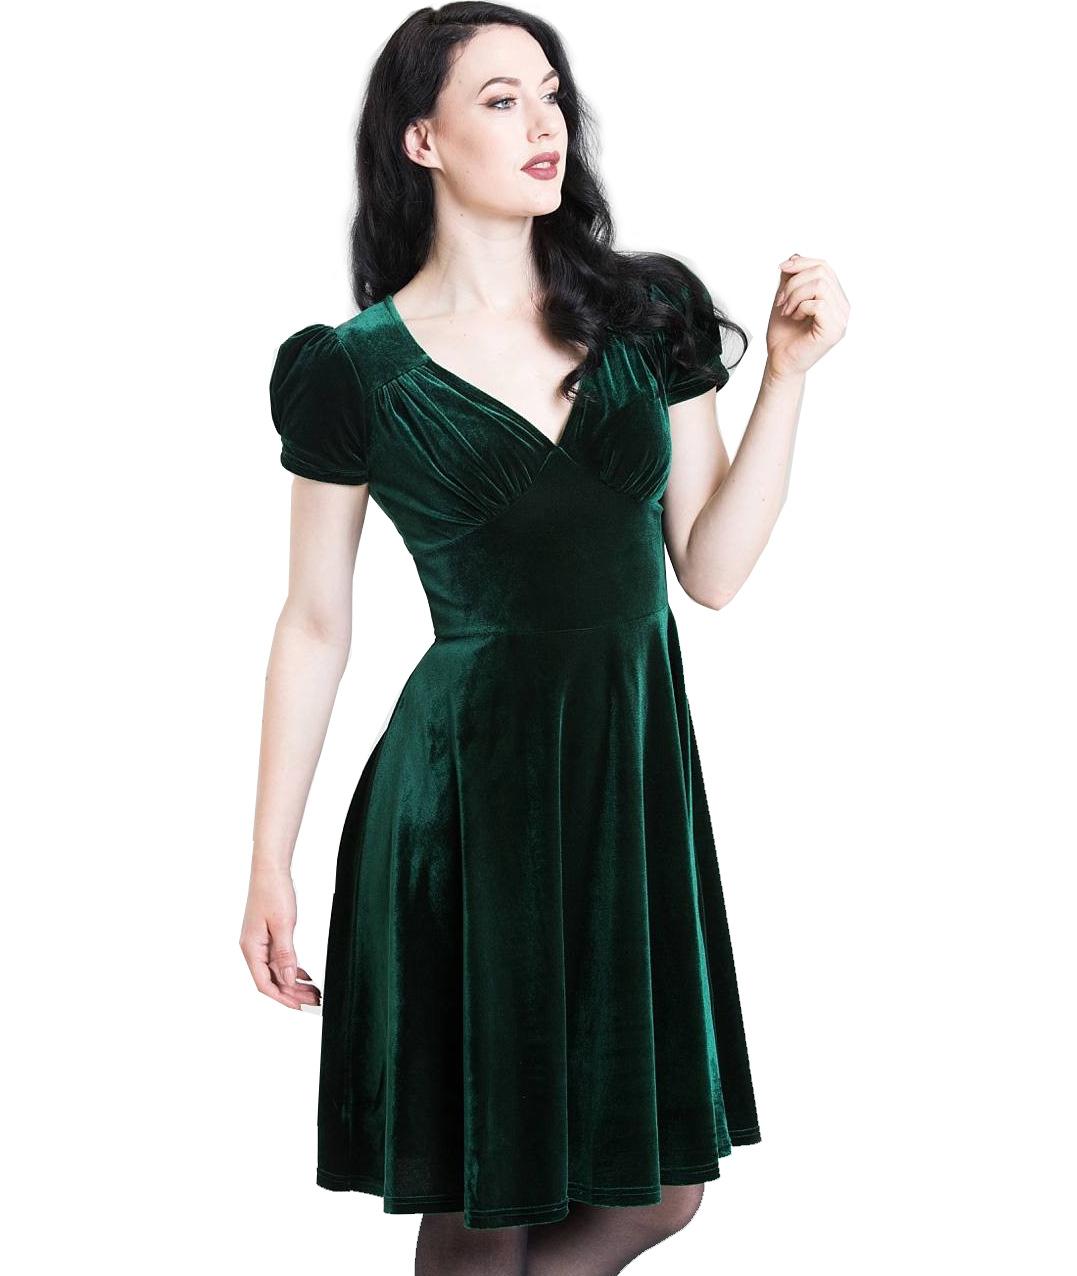 Hell-Bunny-40s-50s-Elegant-Pin-Up-Dress-JOANNE-Crushed-Velvet-Green-All-Sizes thumbnail 27